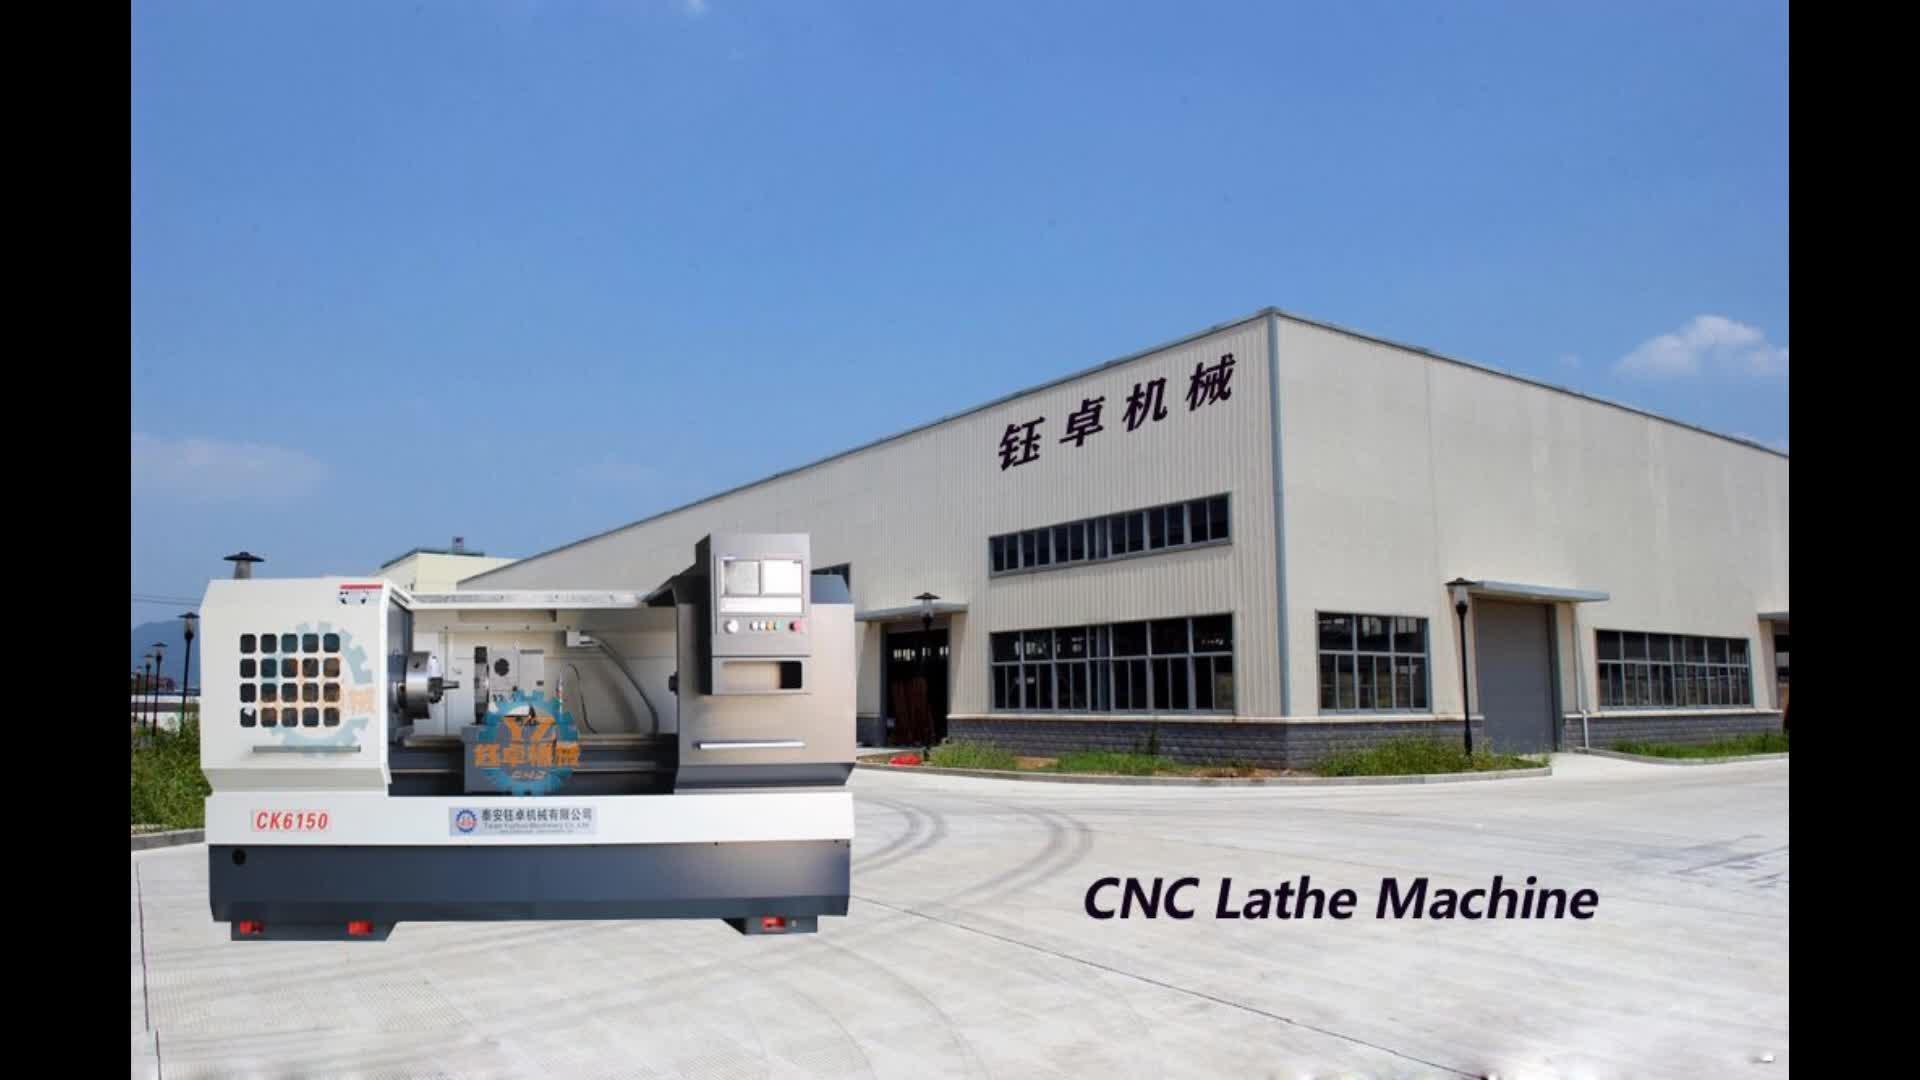 CK6136 CK6140 CK6150 धातु सीएनसी खराद चीन सीएनसी खराद मशीन सीएनसी मशीन केंद्र